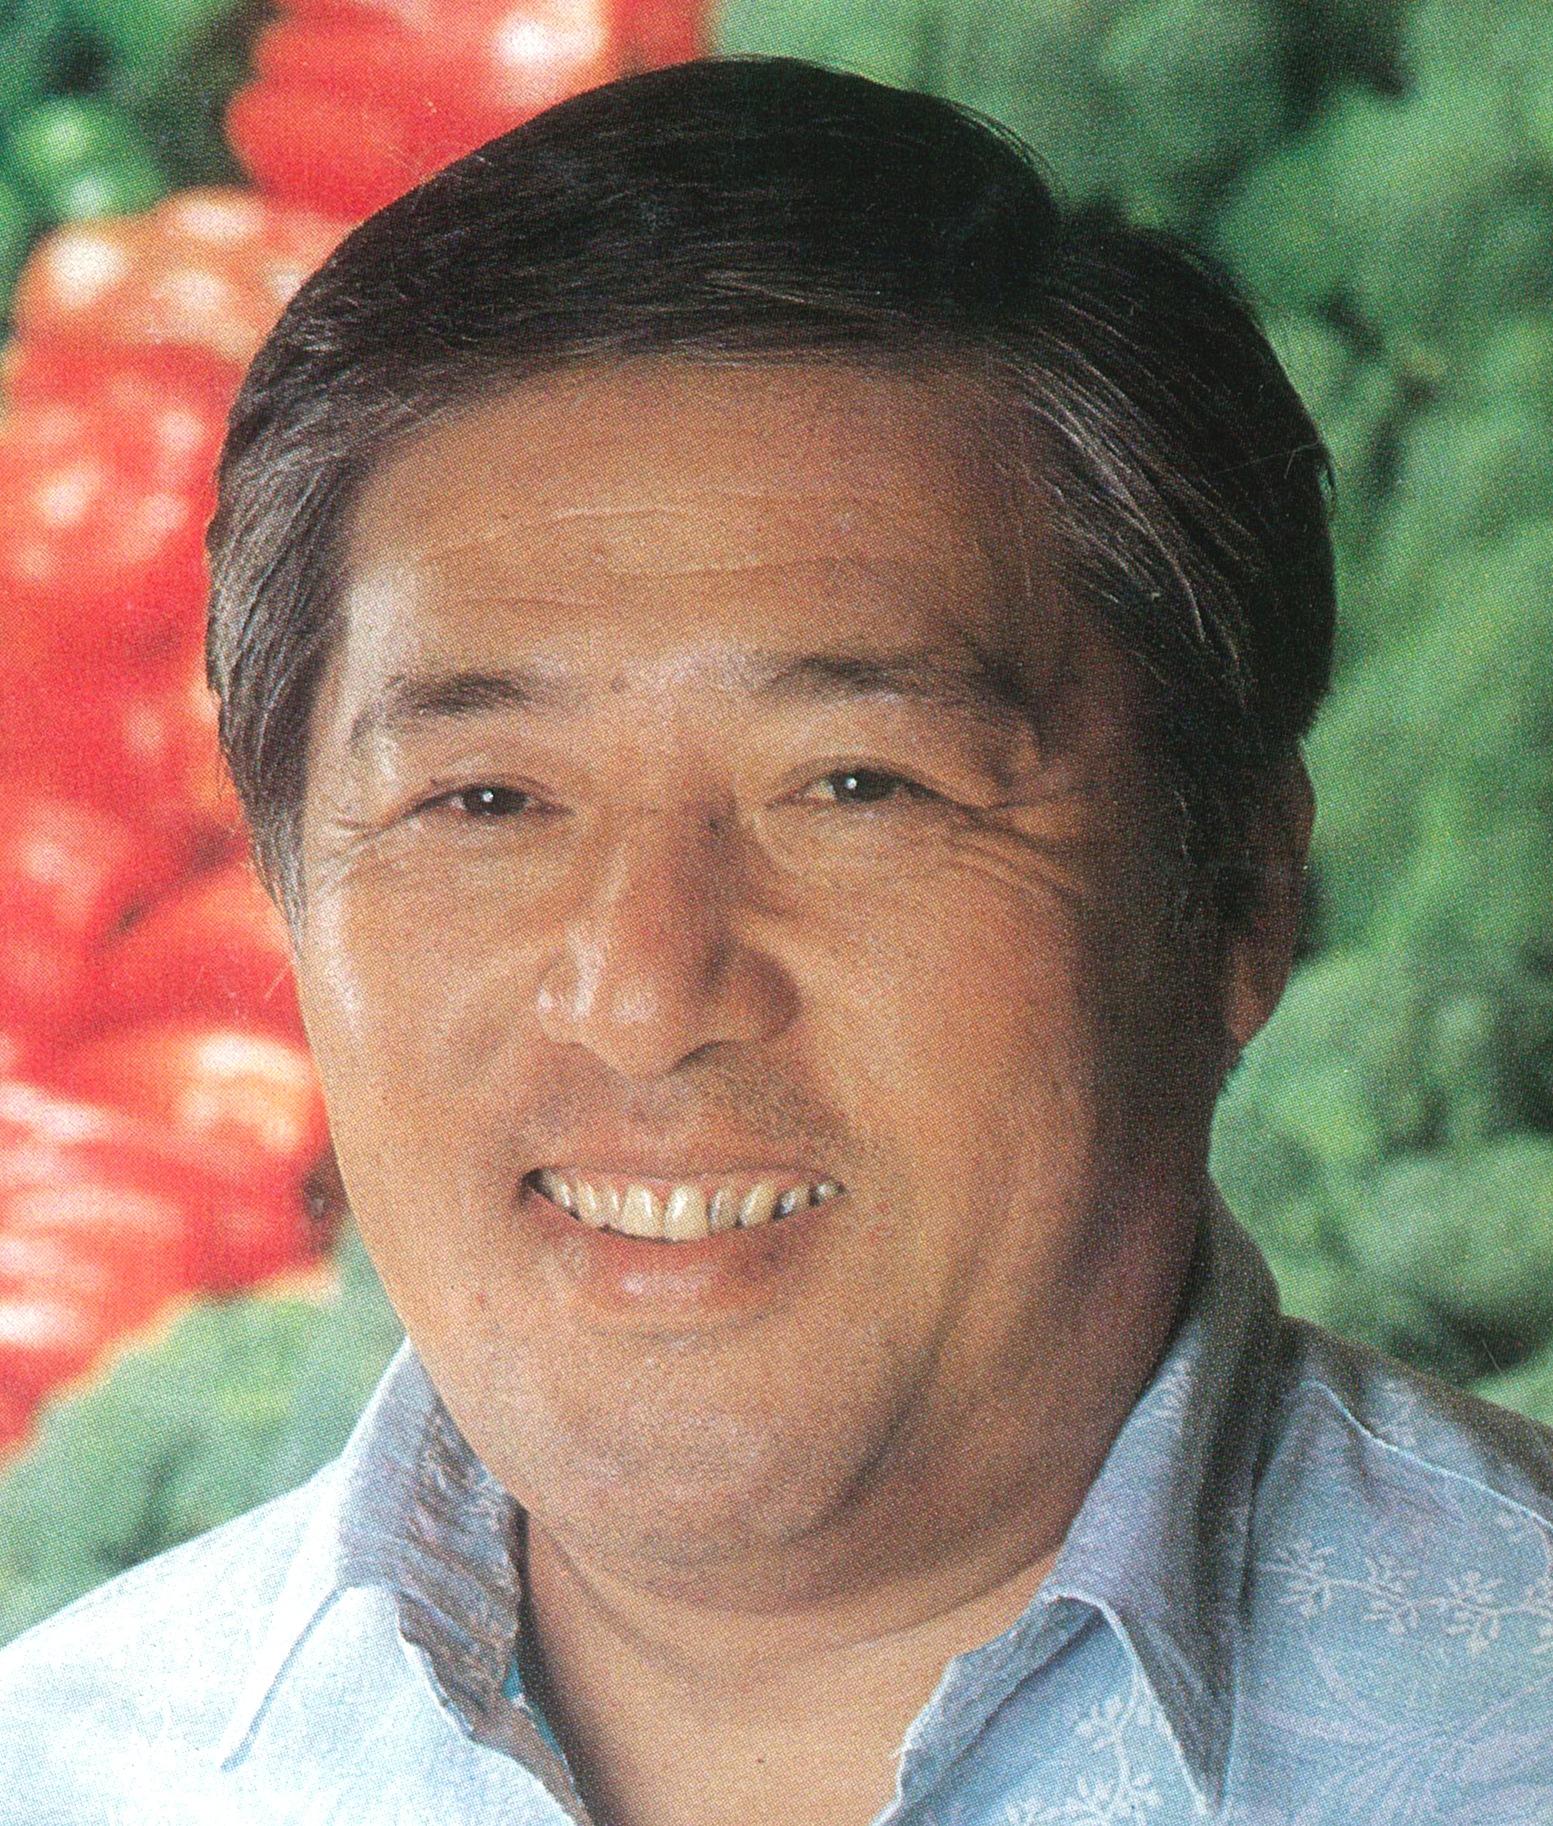 CHARLES KENJI KAWAKAMI